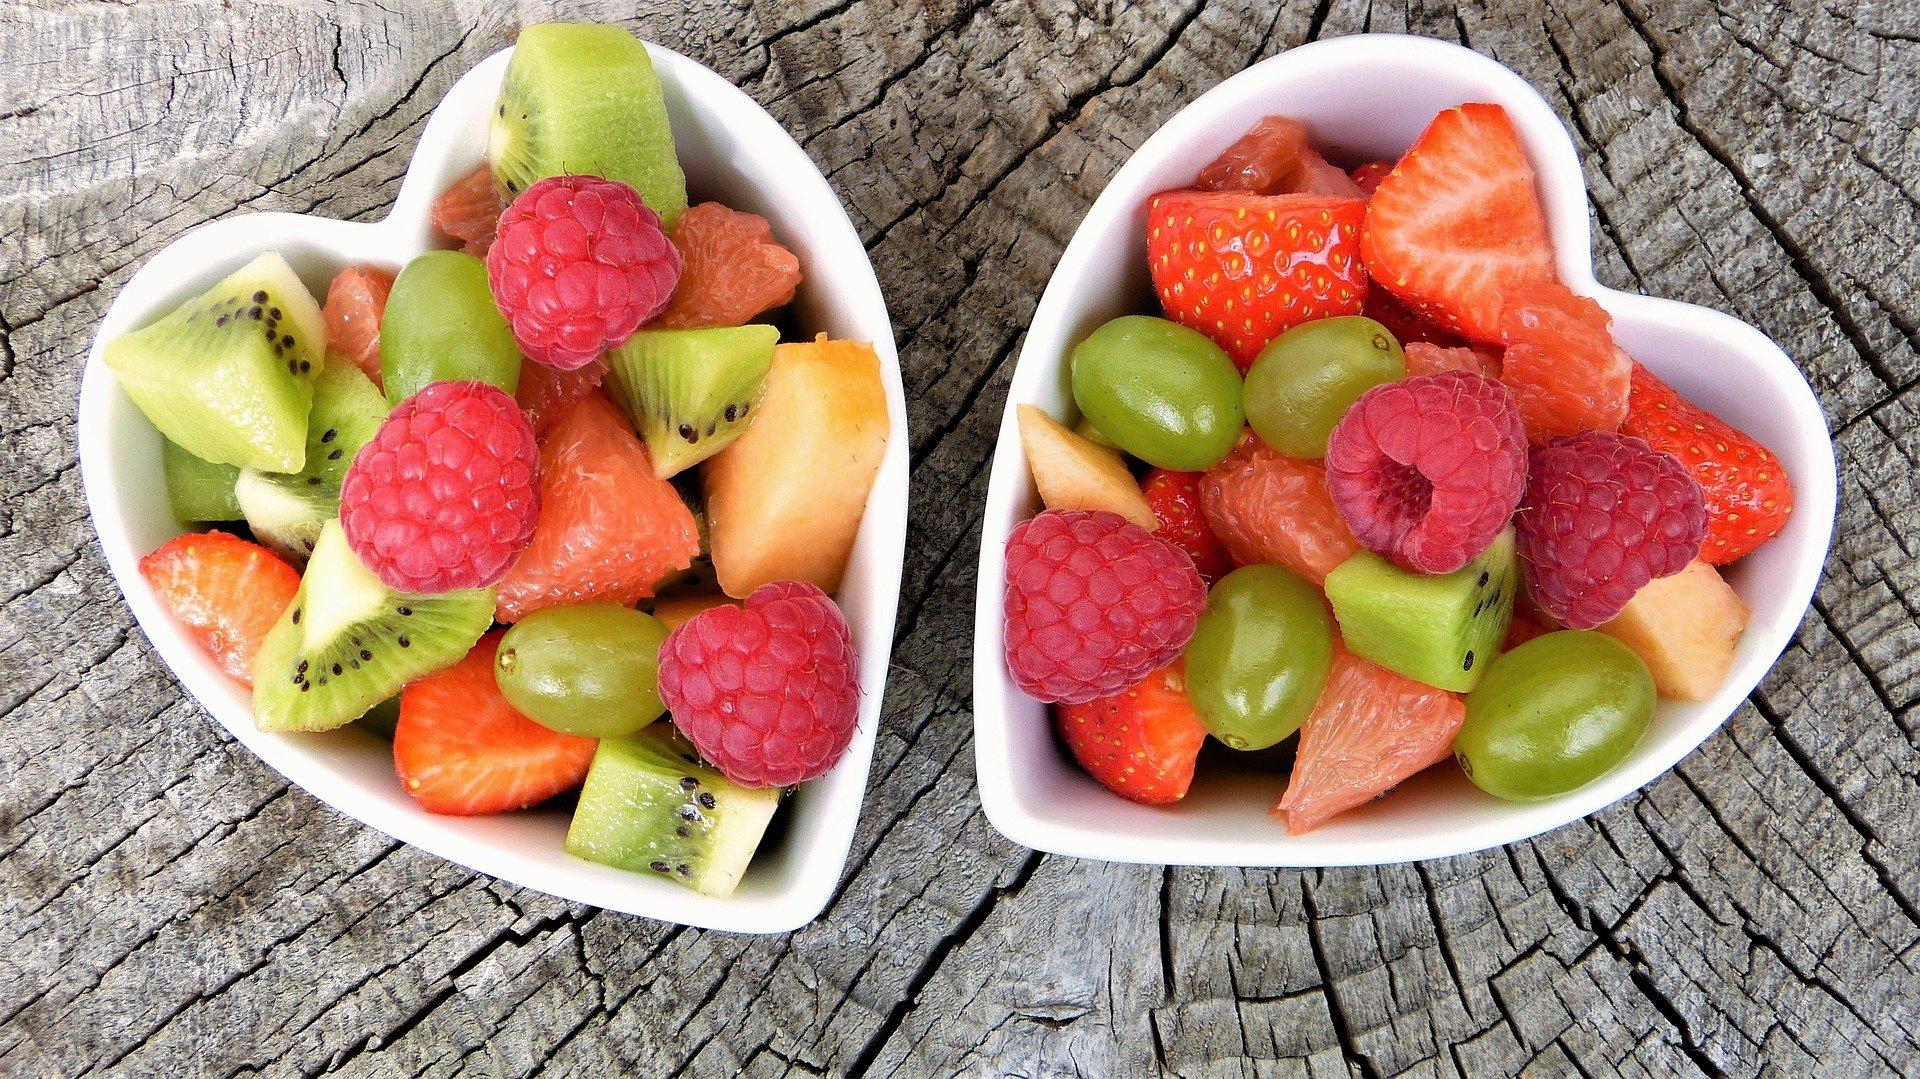 gemischtes Obst in zwei herzförmigen Schüsseln angerichtet, auf einem Baumstamm platziert